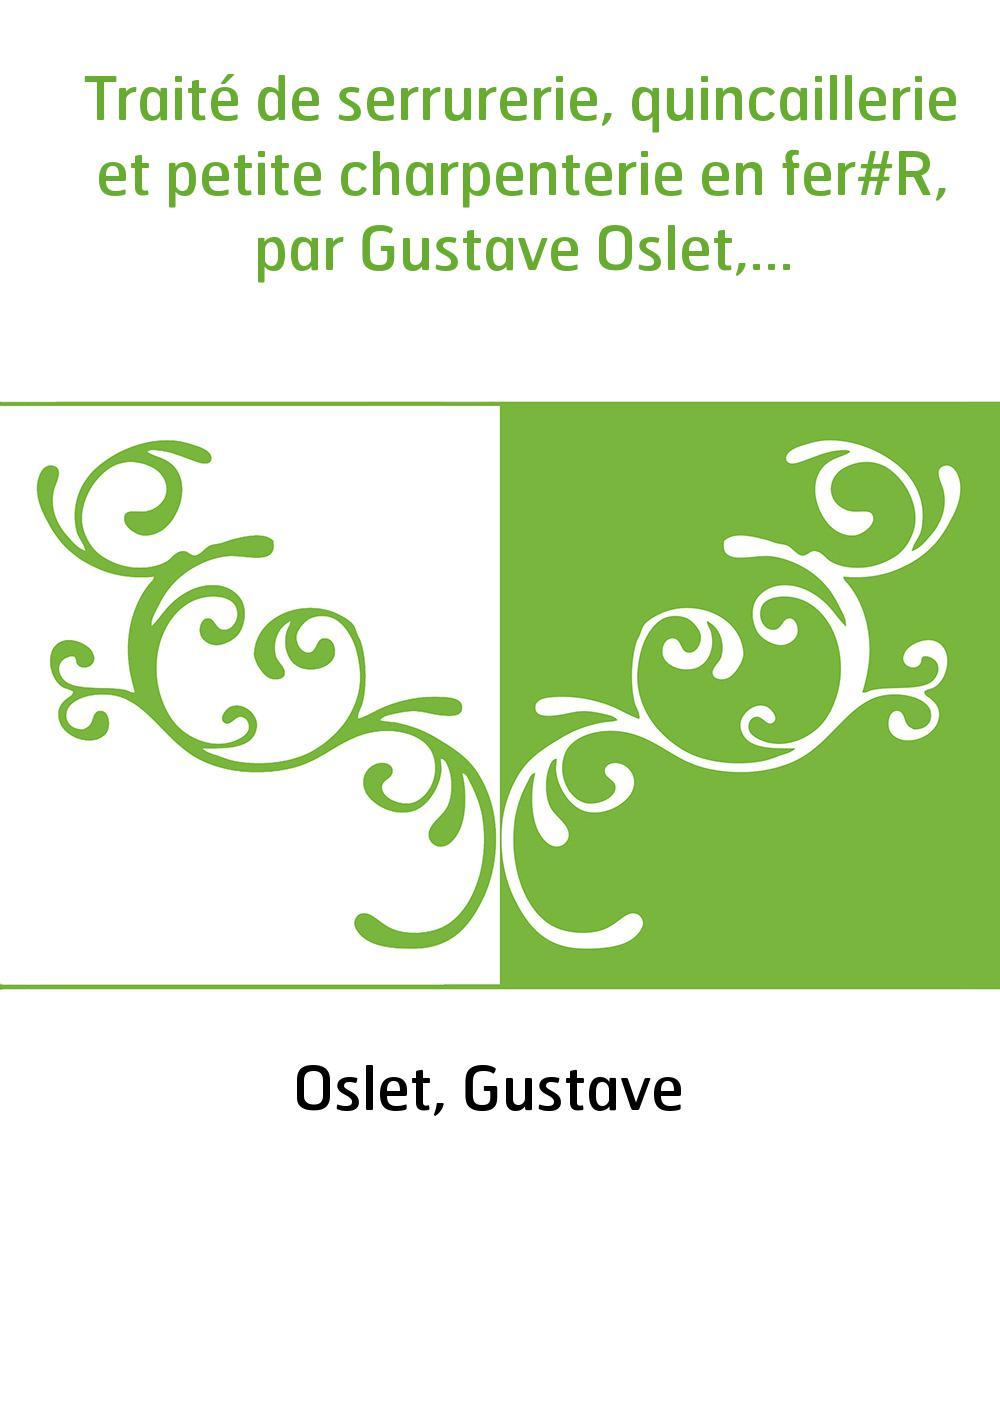 Traité de serrurerie, quincaillerie et petite charpenterie en fer#R, par Gustave Oslet,...